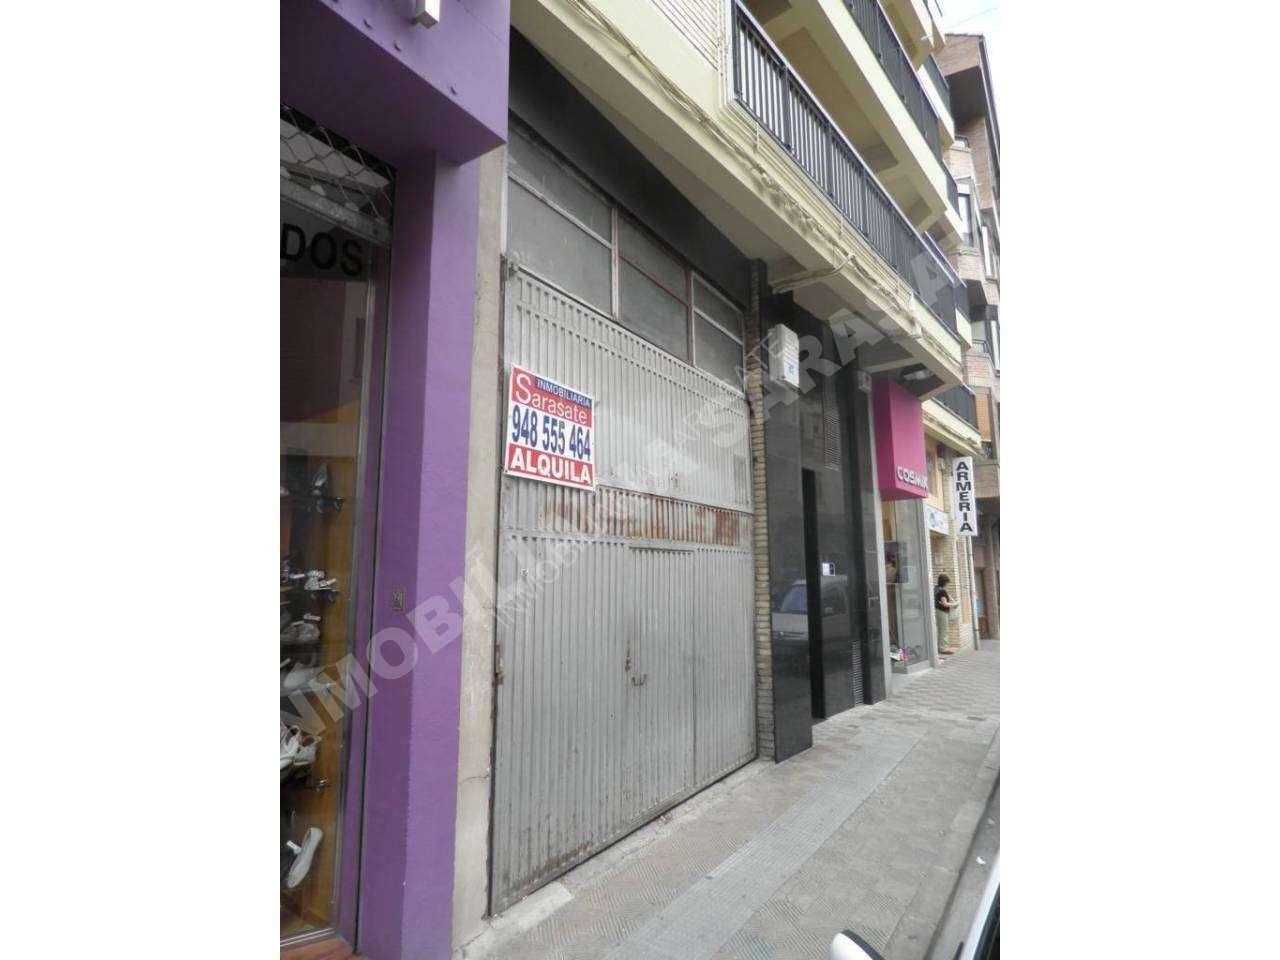 ALQUILER DE LOCAL COMERCIAL EN CALLE GARCIA EL RESTAURAD, ESTELLA-LIZARRA | REF. (000380)